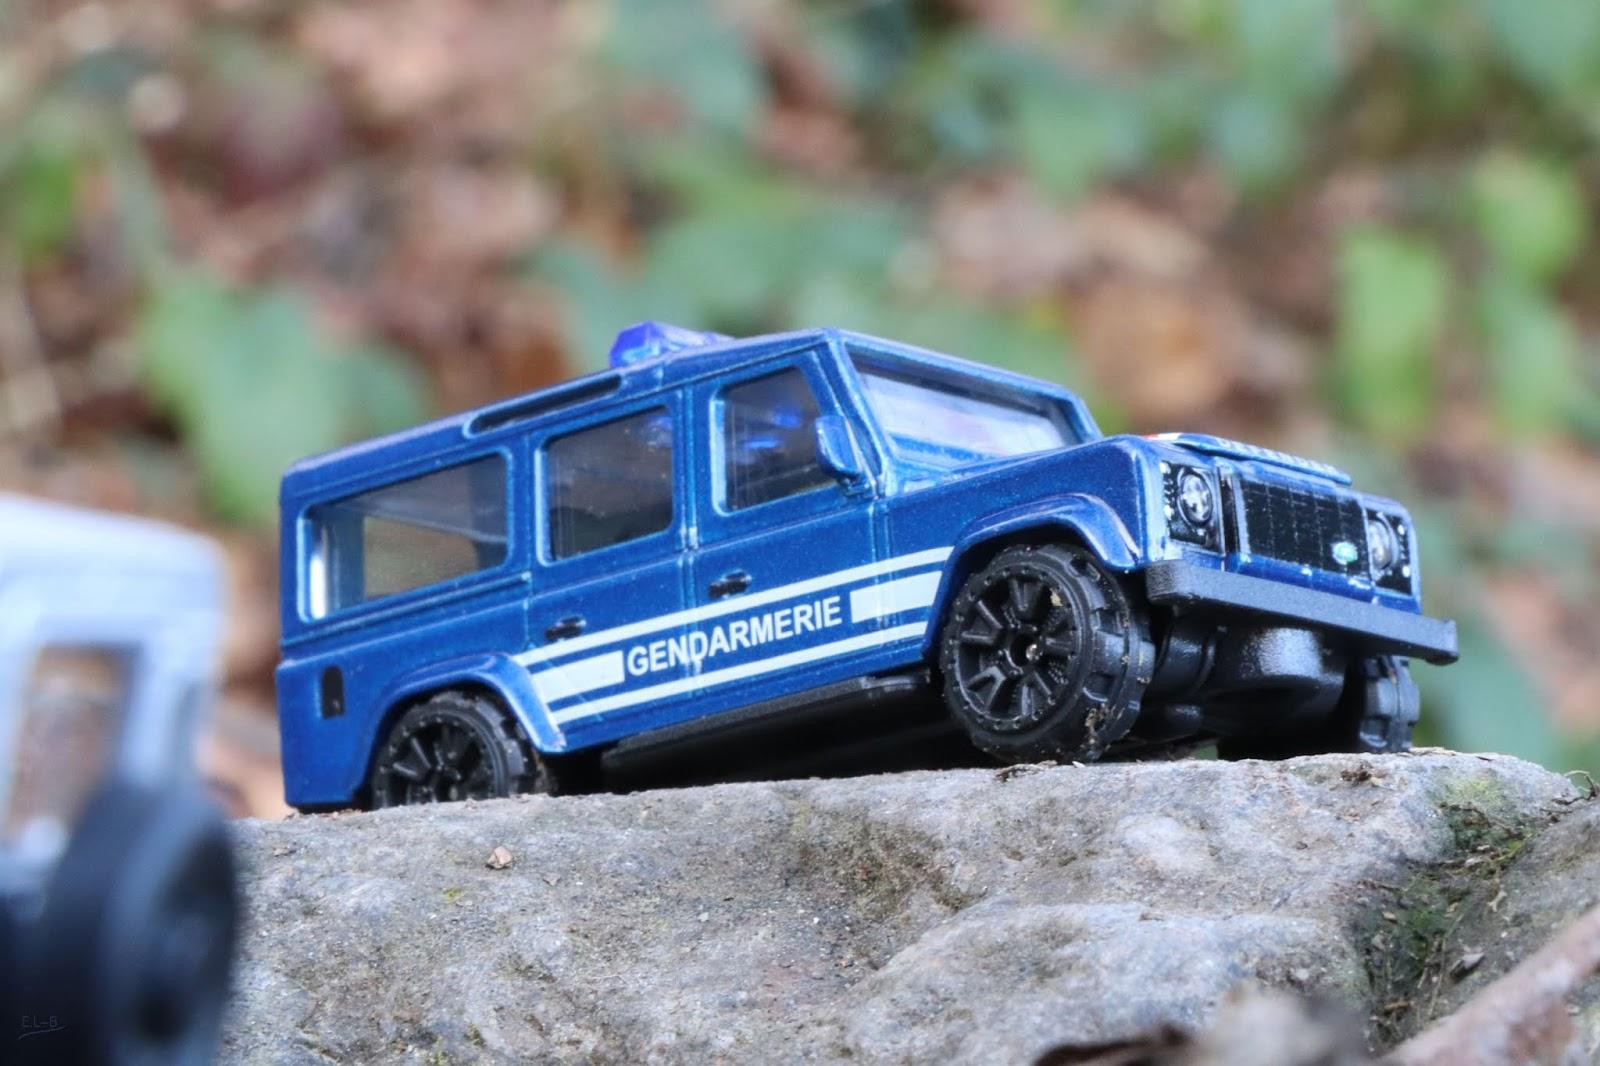 Mininches Rover Gendarmerie Chez Defender Un Land Majorette OPiTuZwklX